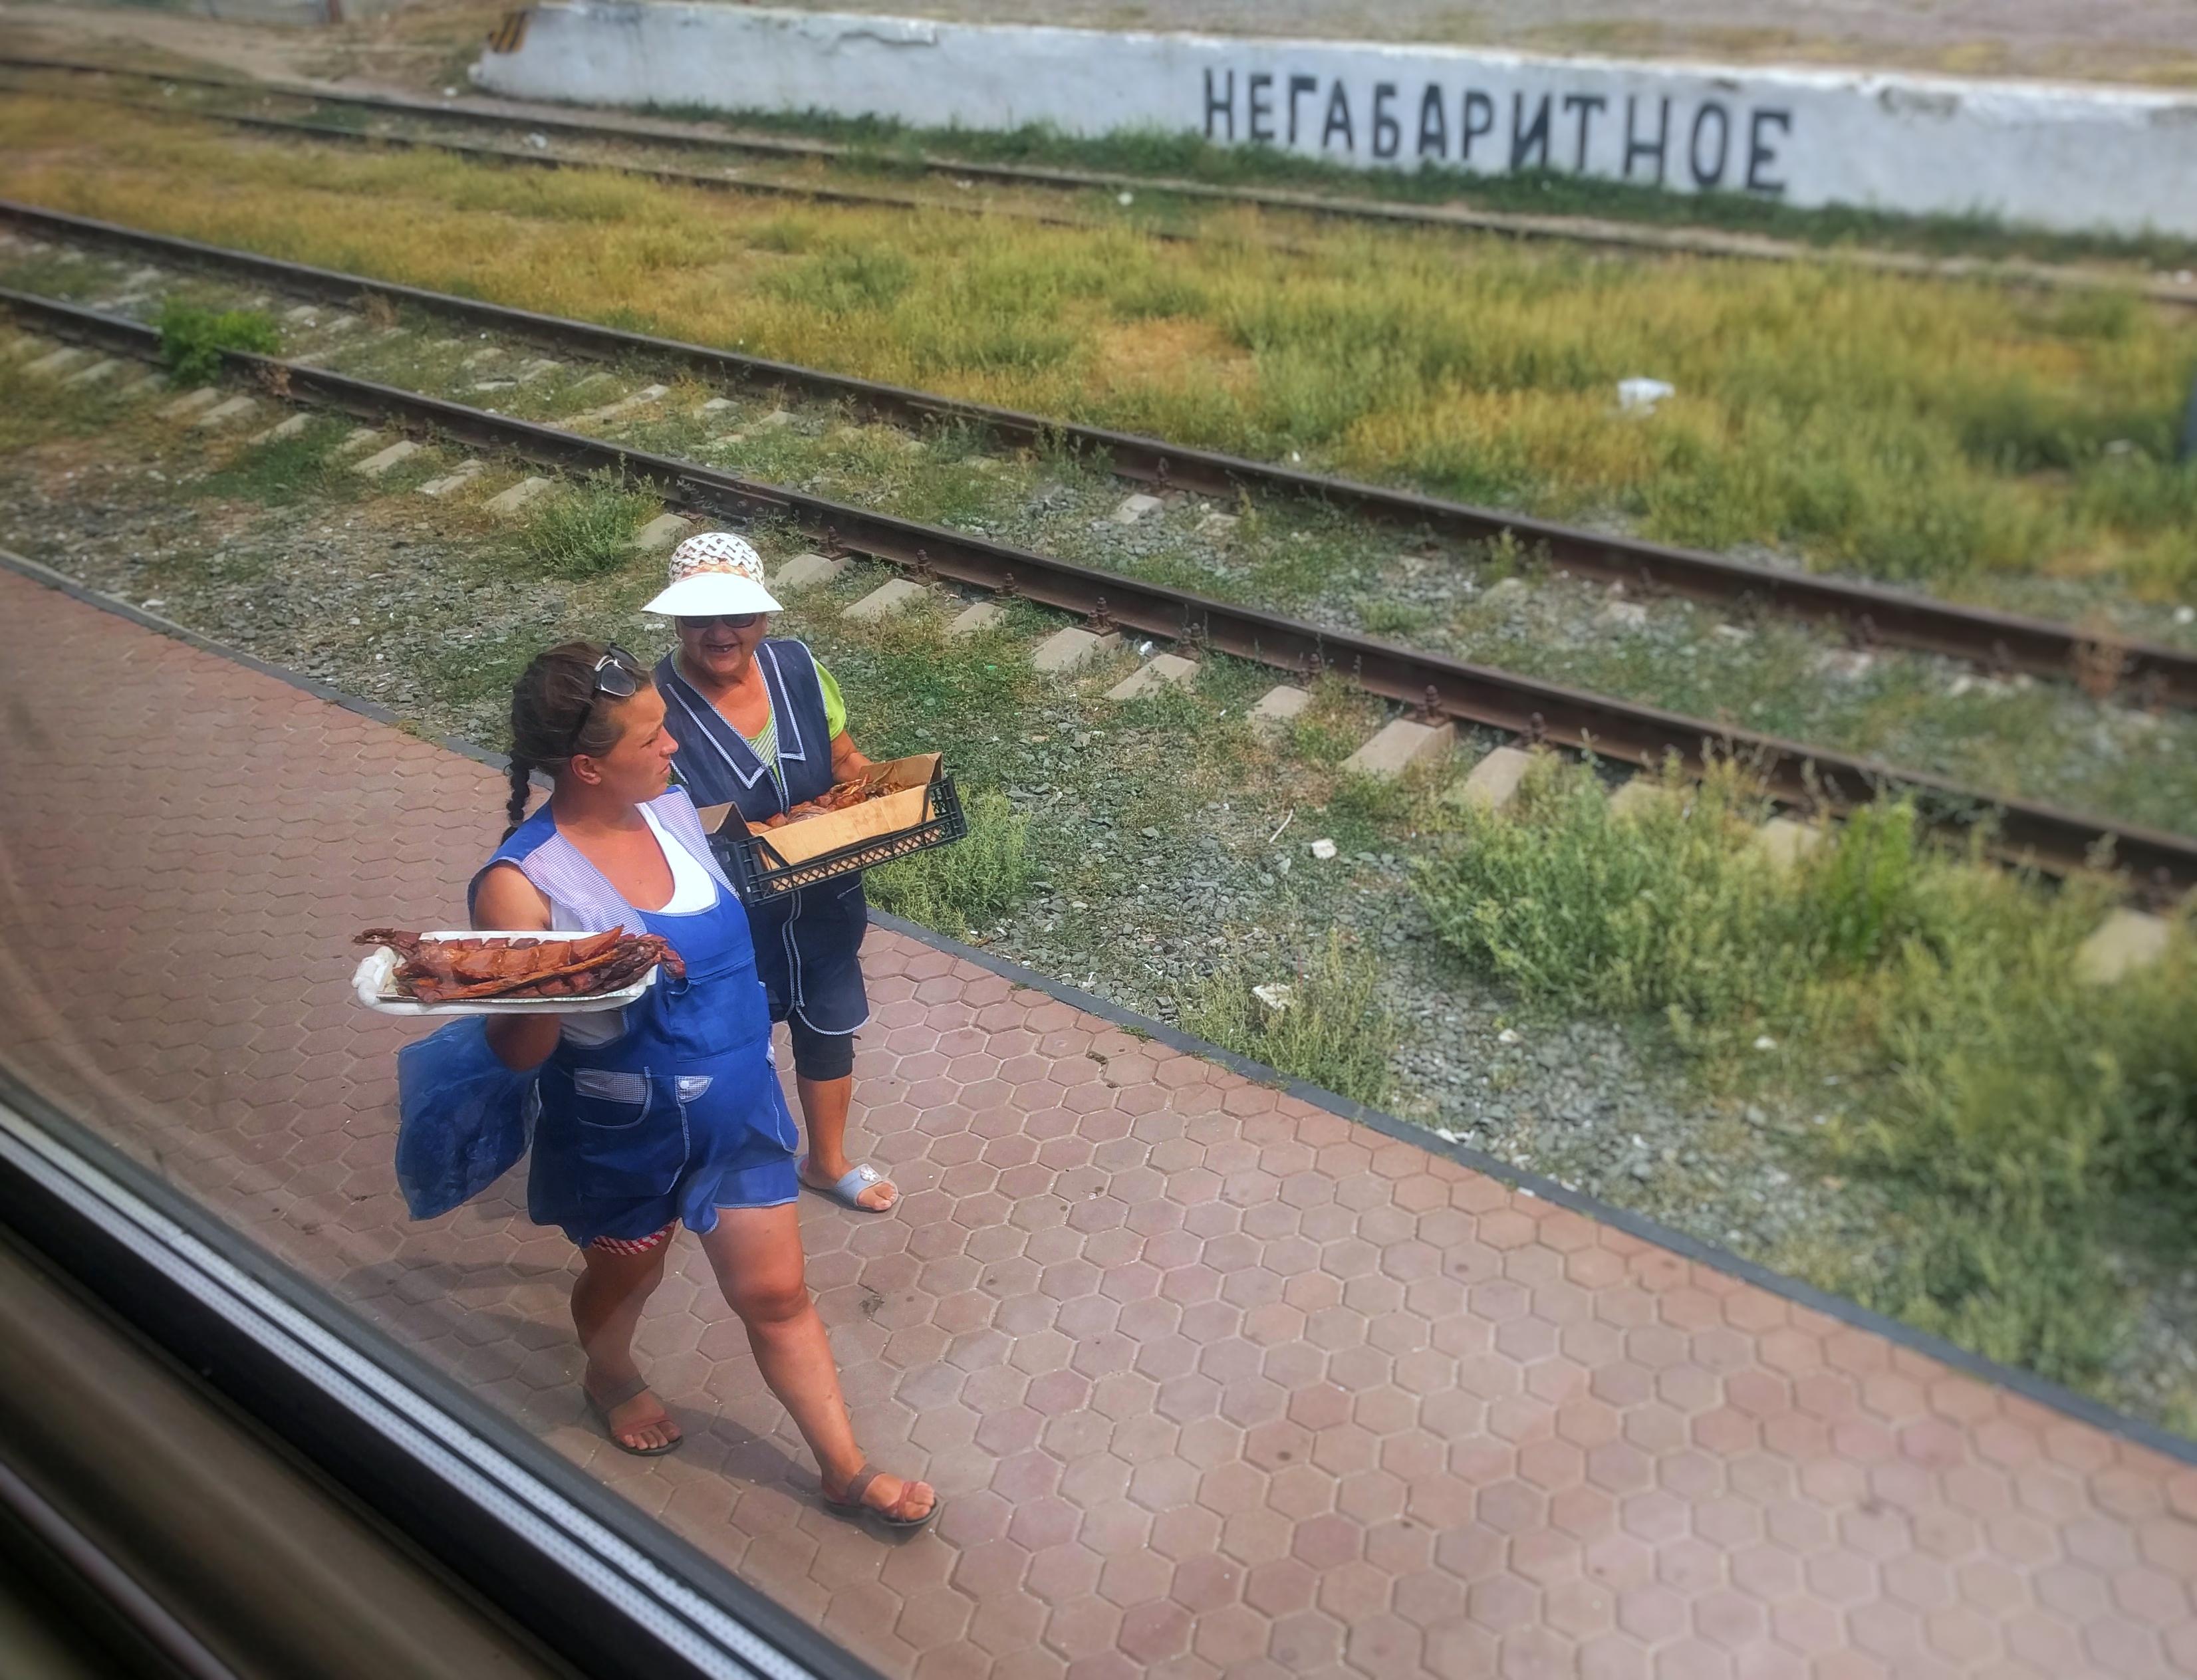 Hier en daar verkopen lokale mensen hun waar langs het spoor.